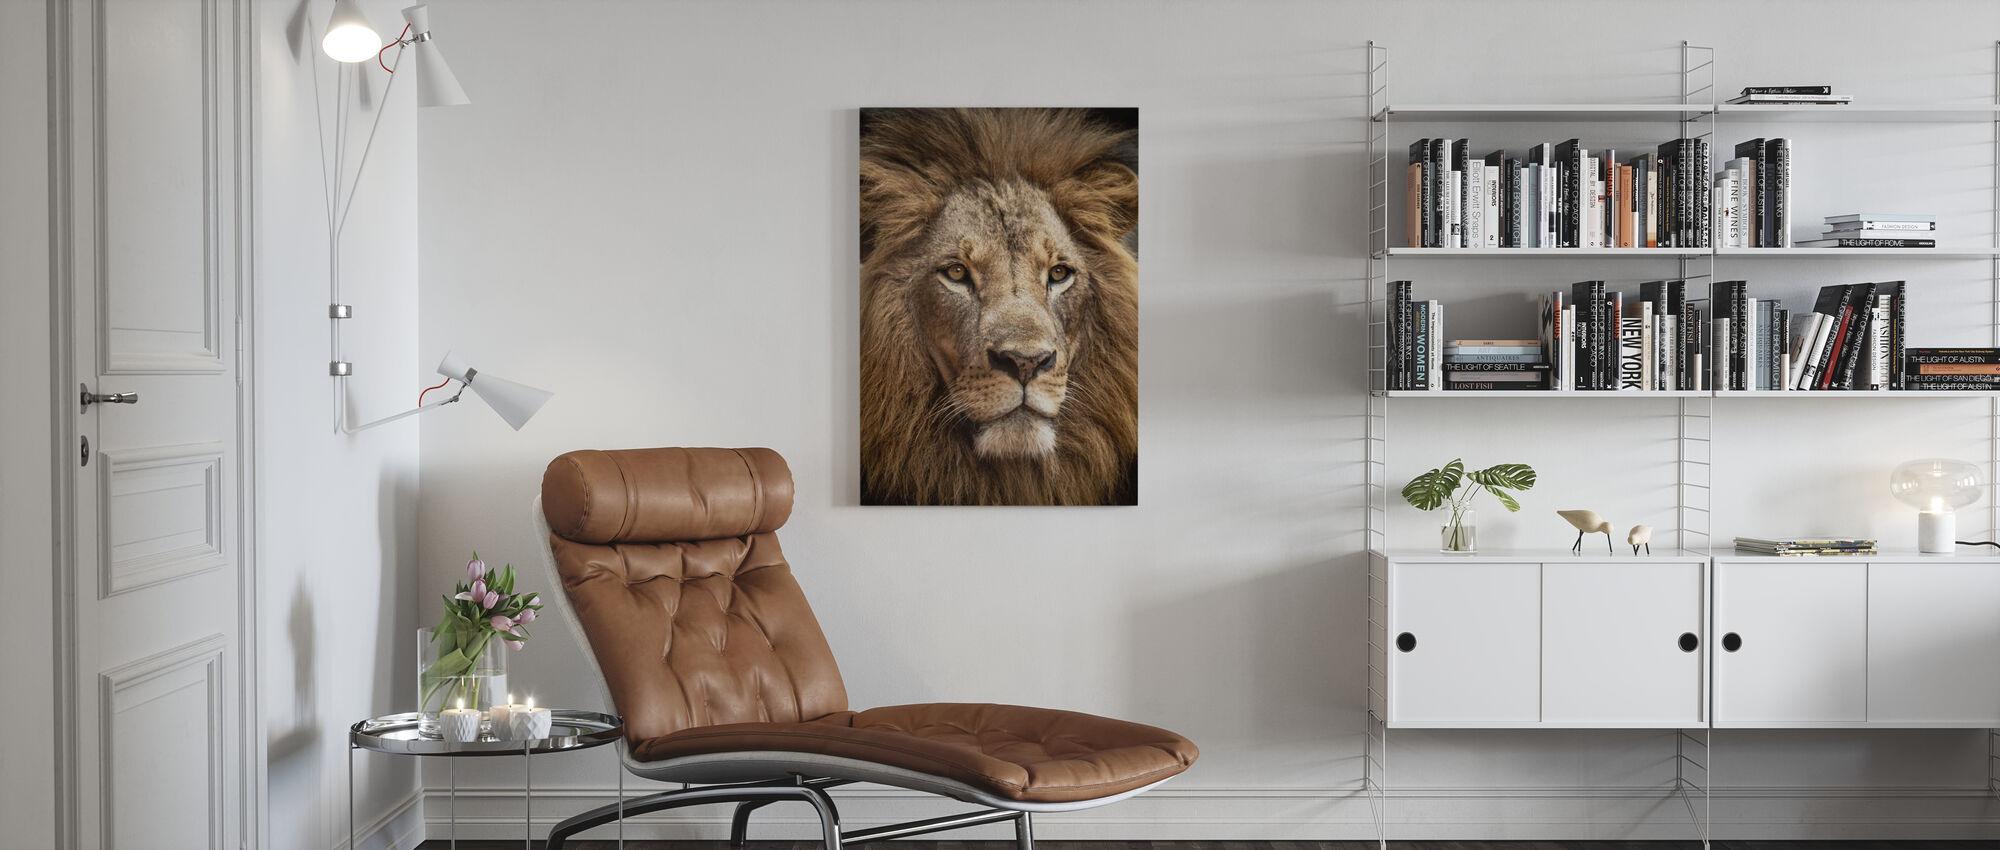 Fantastisk lejon - Canvastavla - Vardagsrum